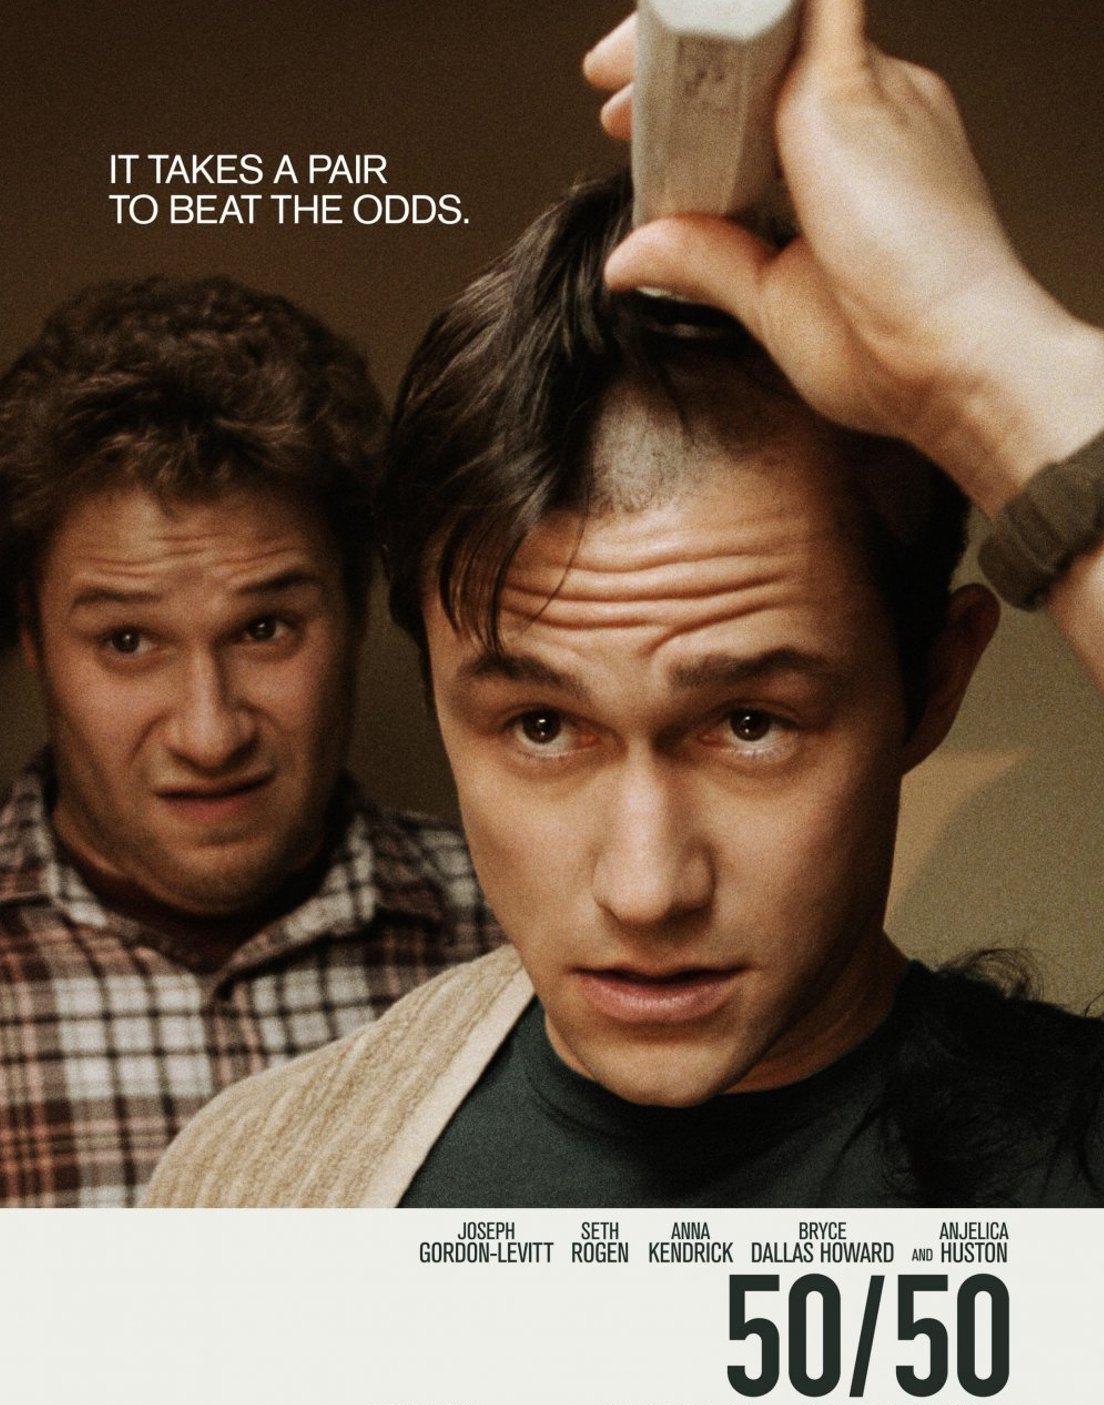 http://2.bp.blogspot.com/-MW1KcWqAwbI/T5l-bM1UThI/AAAAAAAAAkA/L5zHGX0fawM/s1600/50-50-movie-poster.jpg